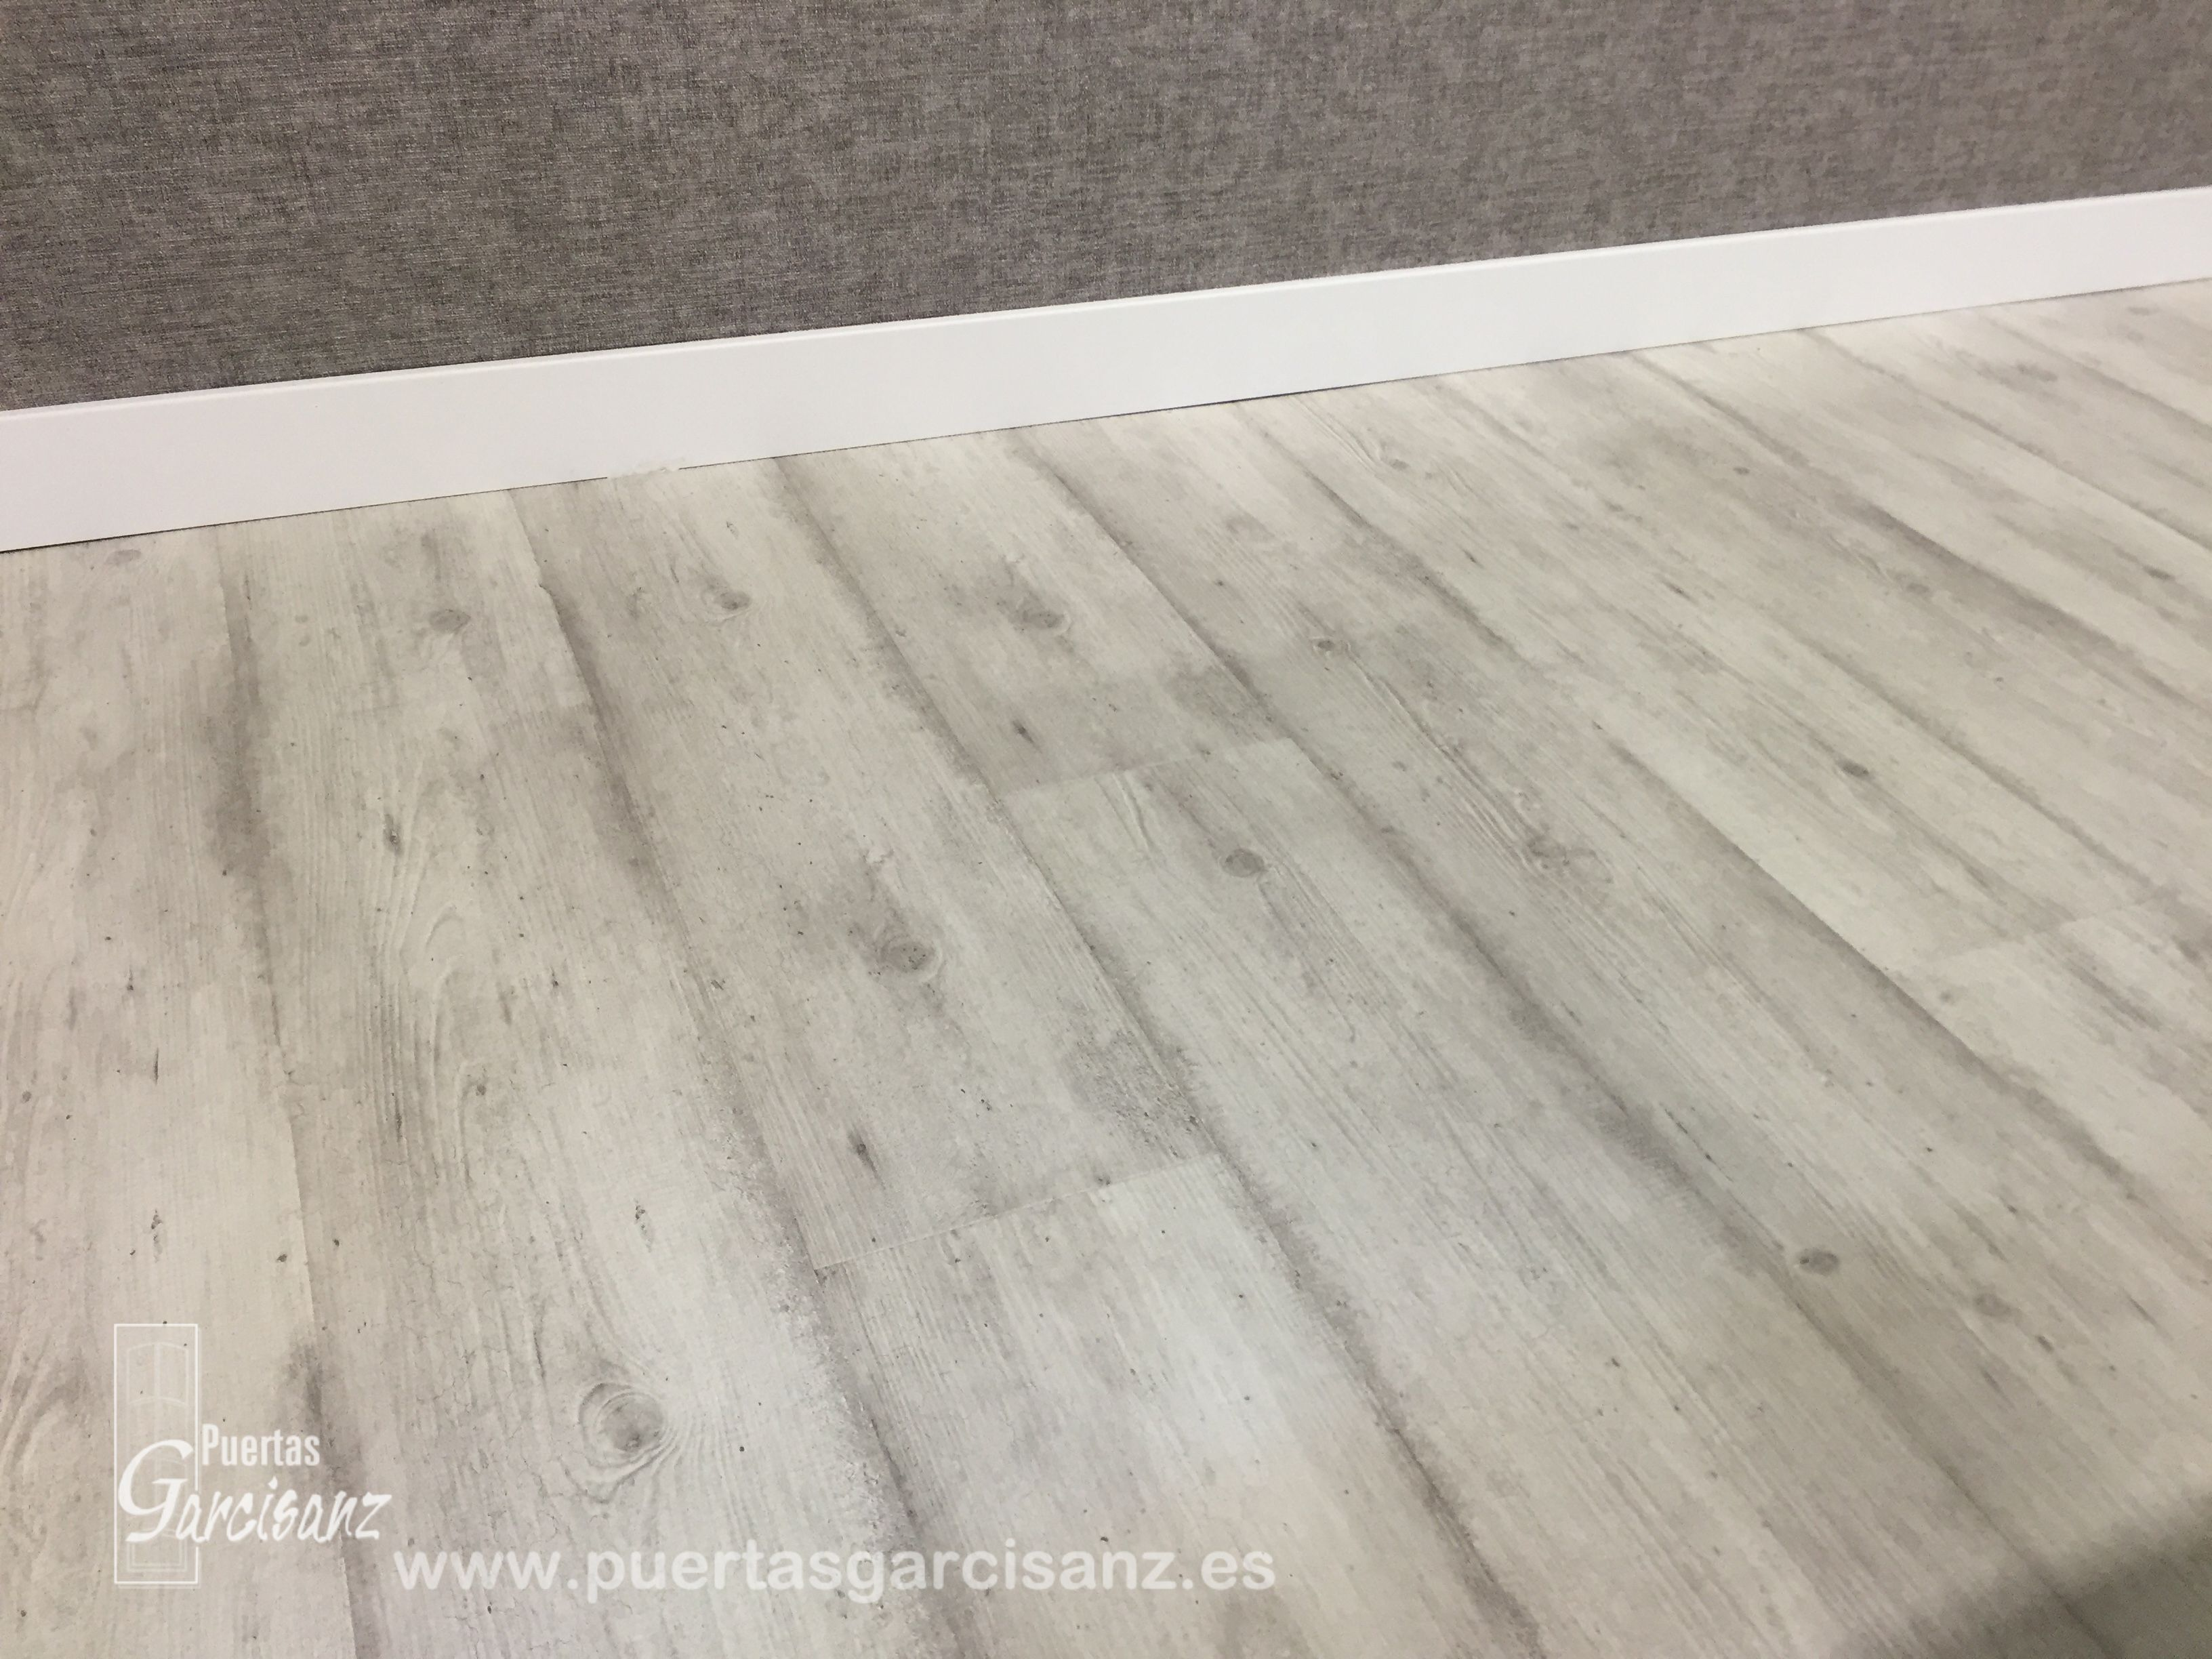 suelo laminado quick step impressive ref im 1861 cemento gris claro en planchas - Suelo Laminado Gris